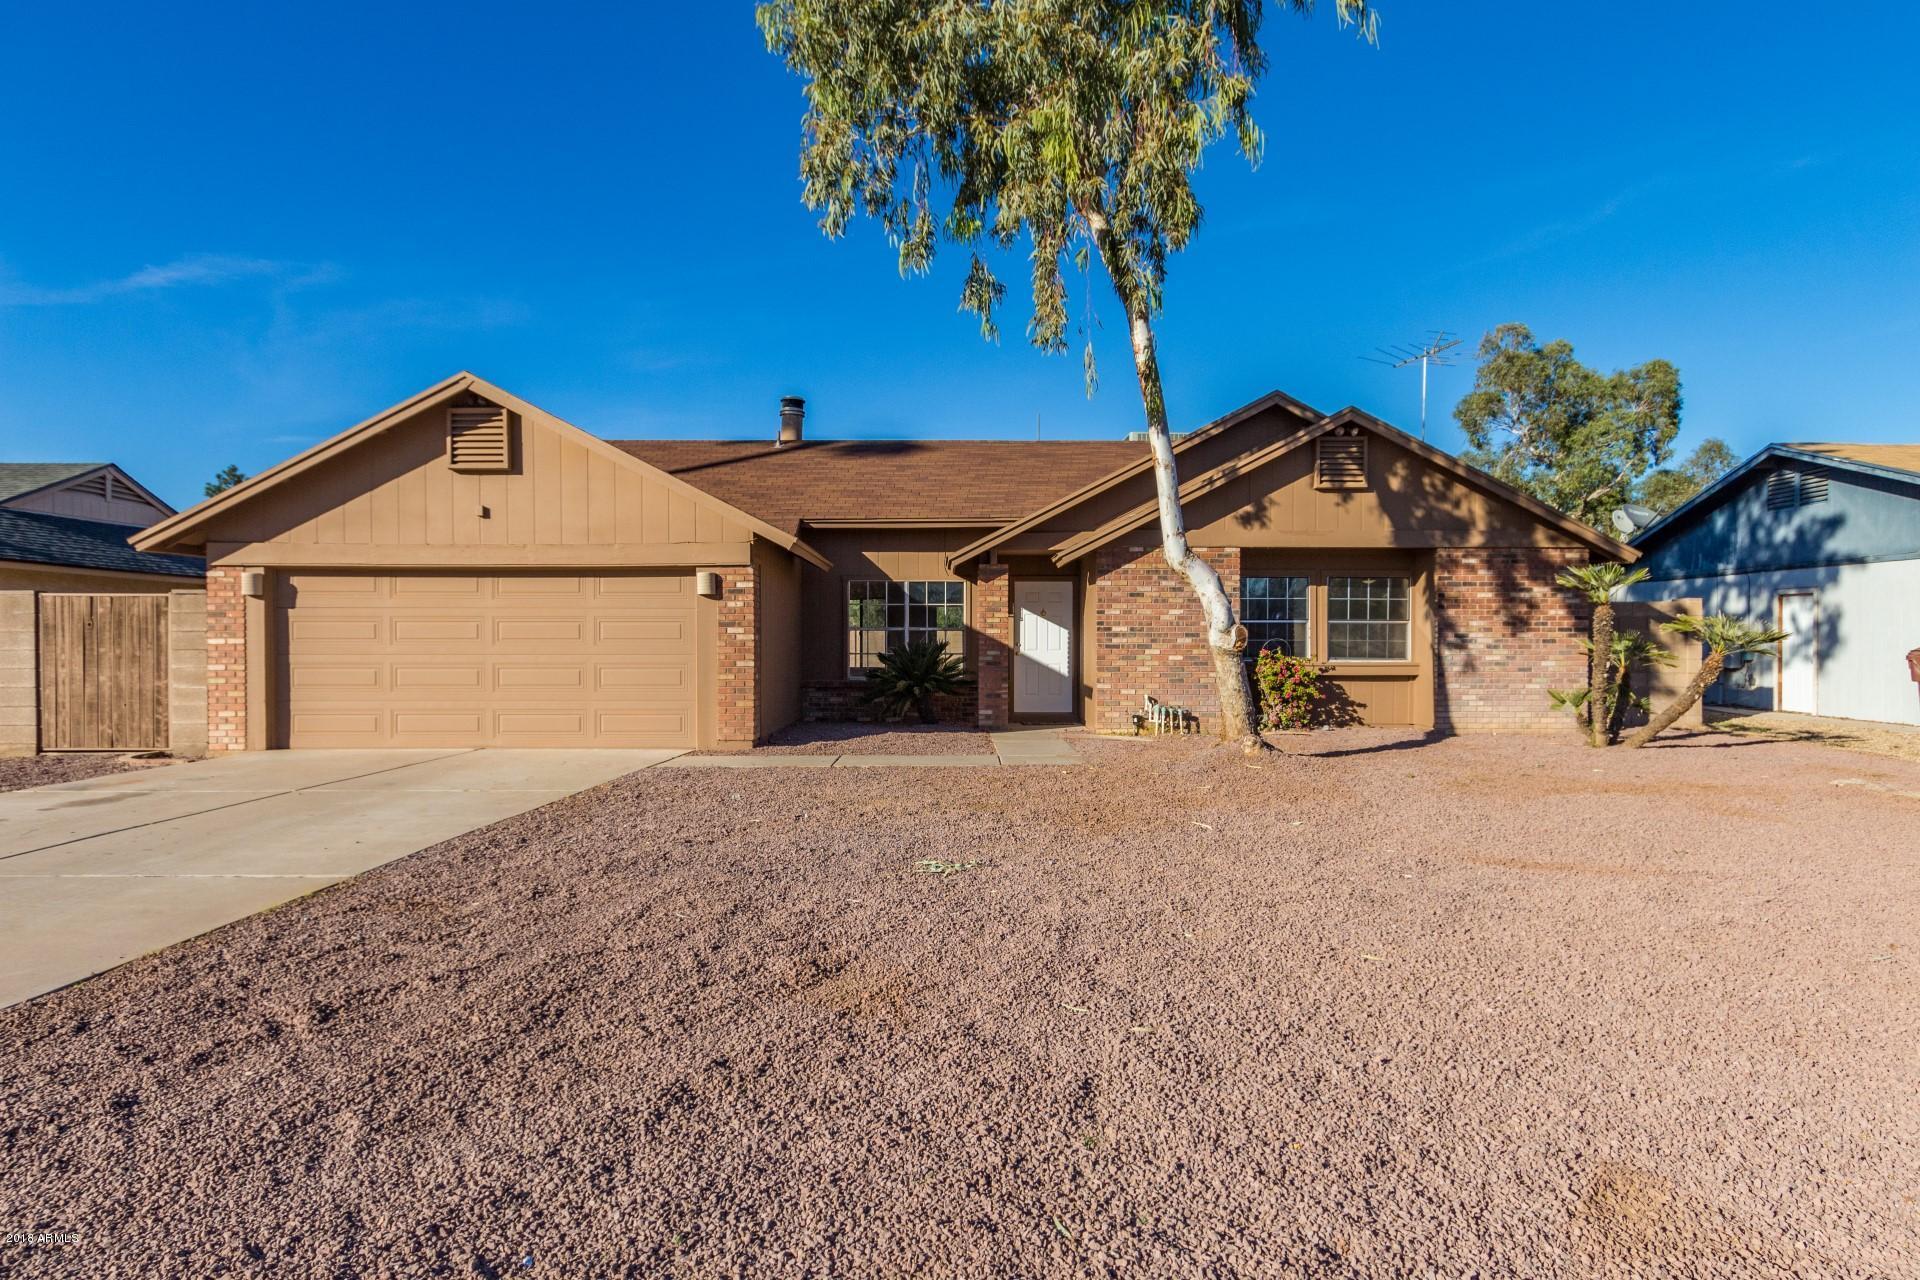 Photo of 8738 W MOUNTAIN VIEW Road, Peoria, AZ 85345